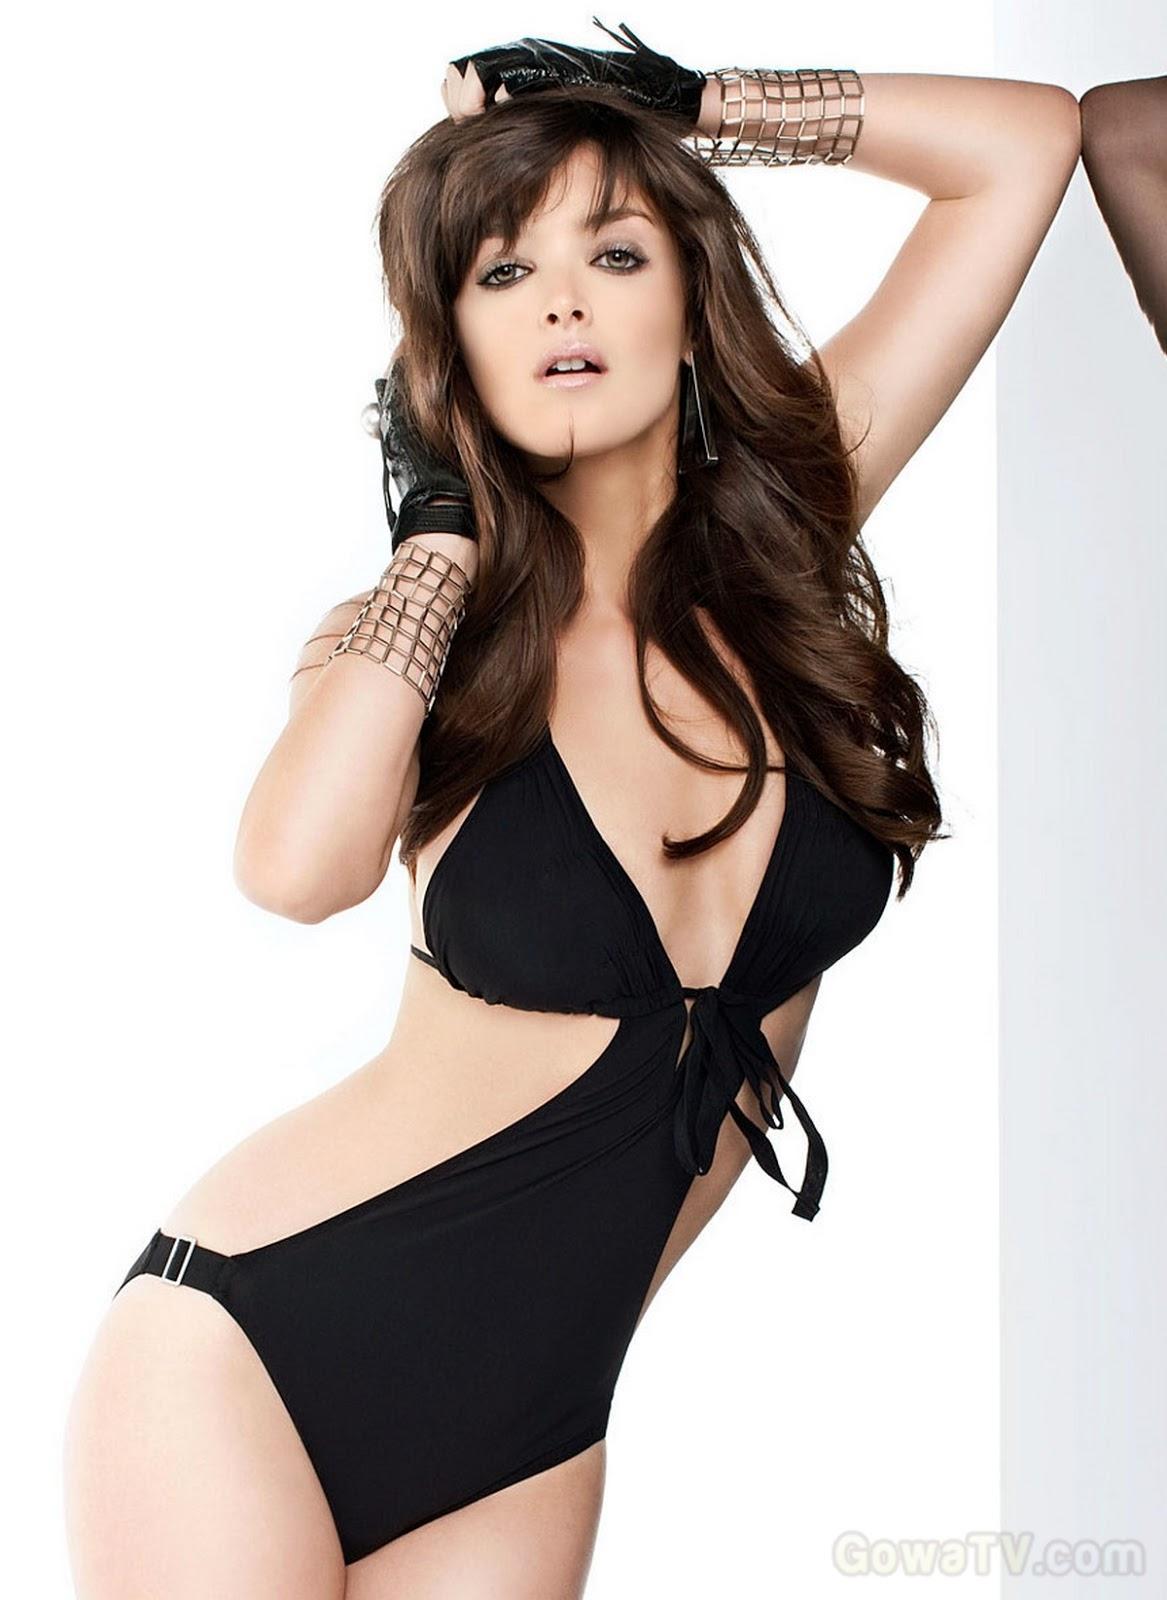 Lea seydoux nude grand central 2013 1